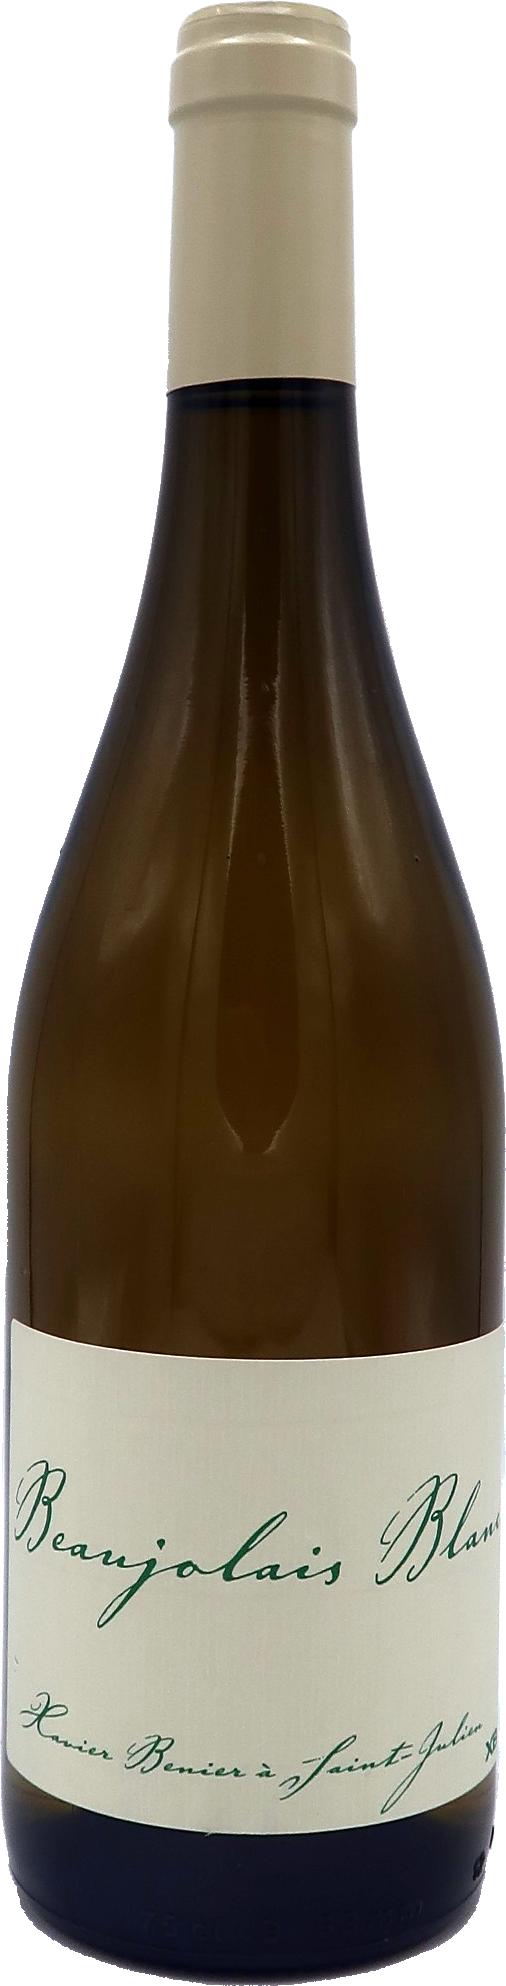 Beaujolais Blanc 2020 Xavier Bénier